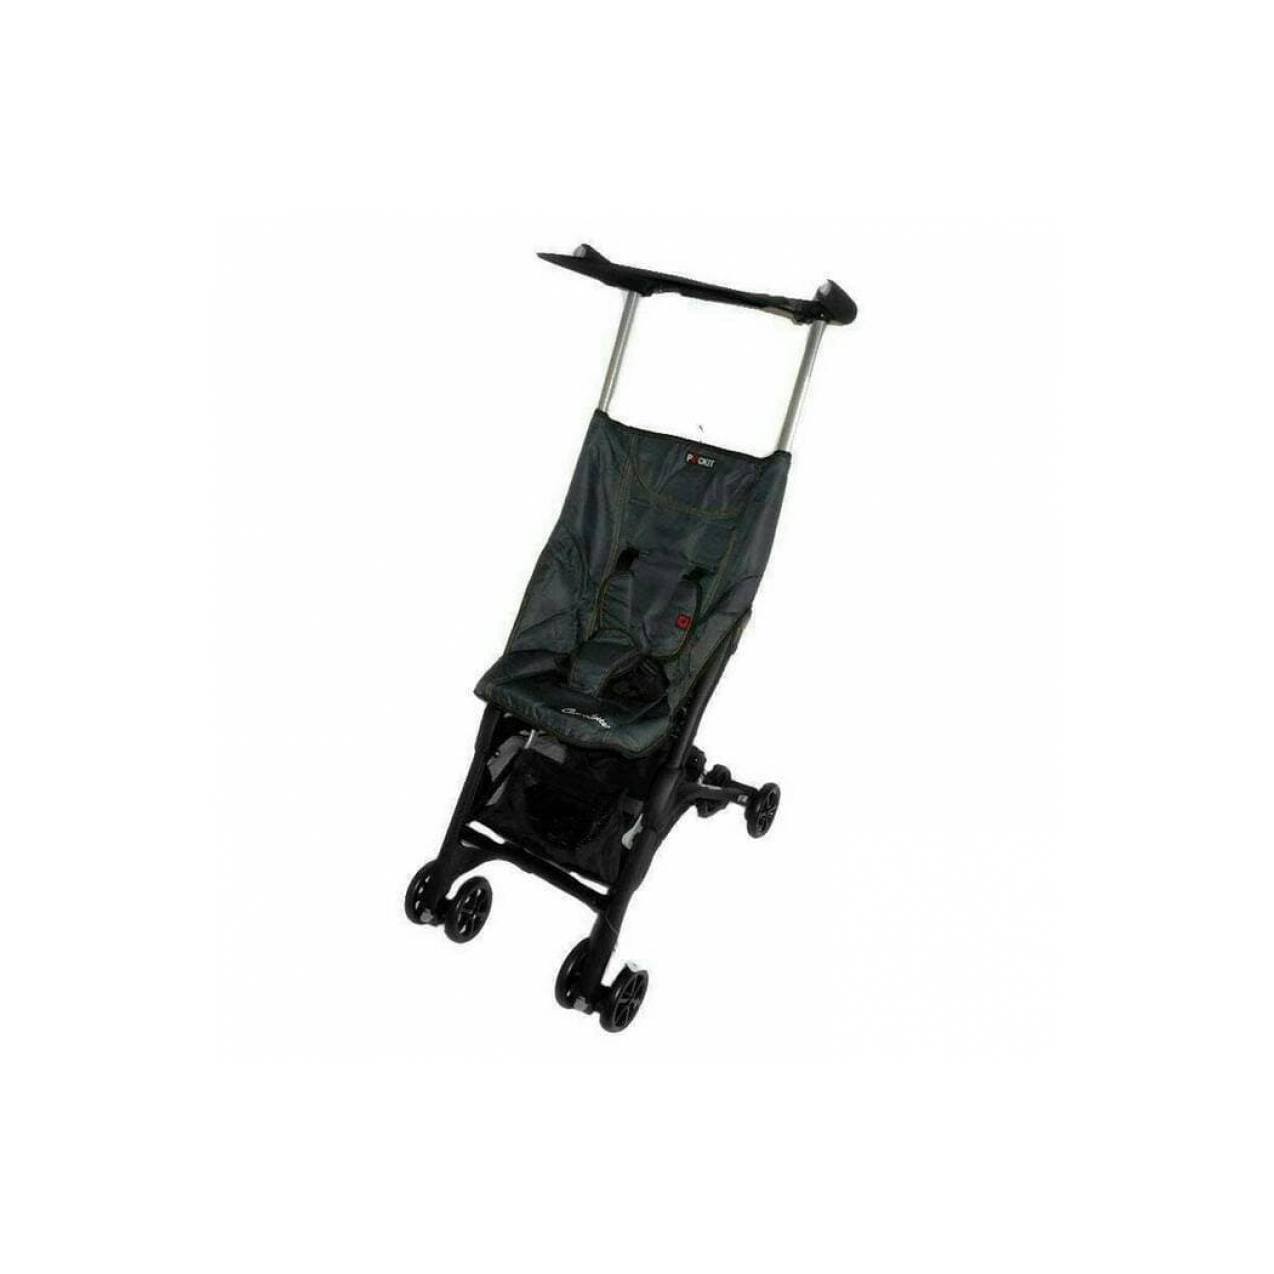 Jual Baby Stroller Dorongan Bayi Gerobak Bayi Sewa Stroller CocoLatte